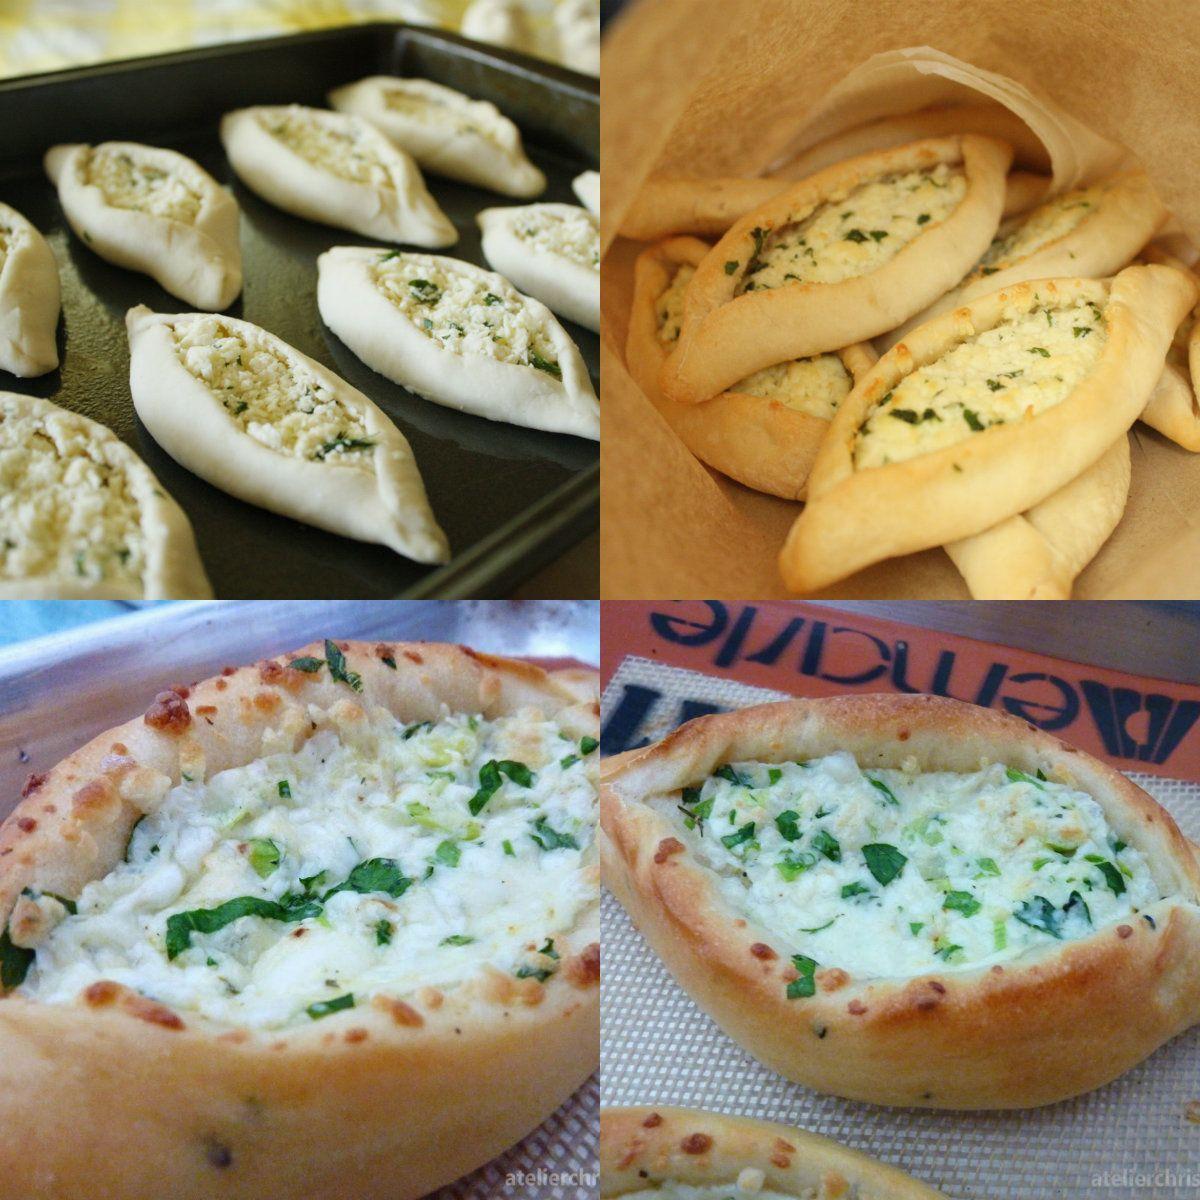 عالم الطبخ والجمال طريقة عمل فطائر الجبنة البيضاء Food Yummy Food Food And Drink